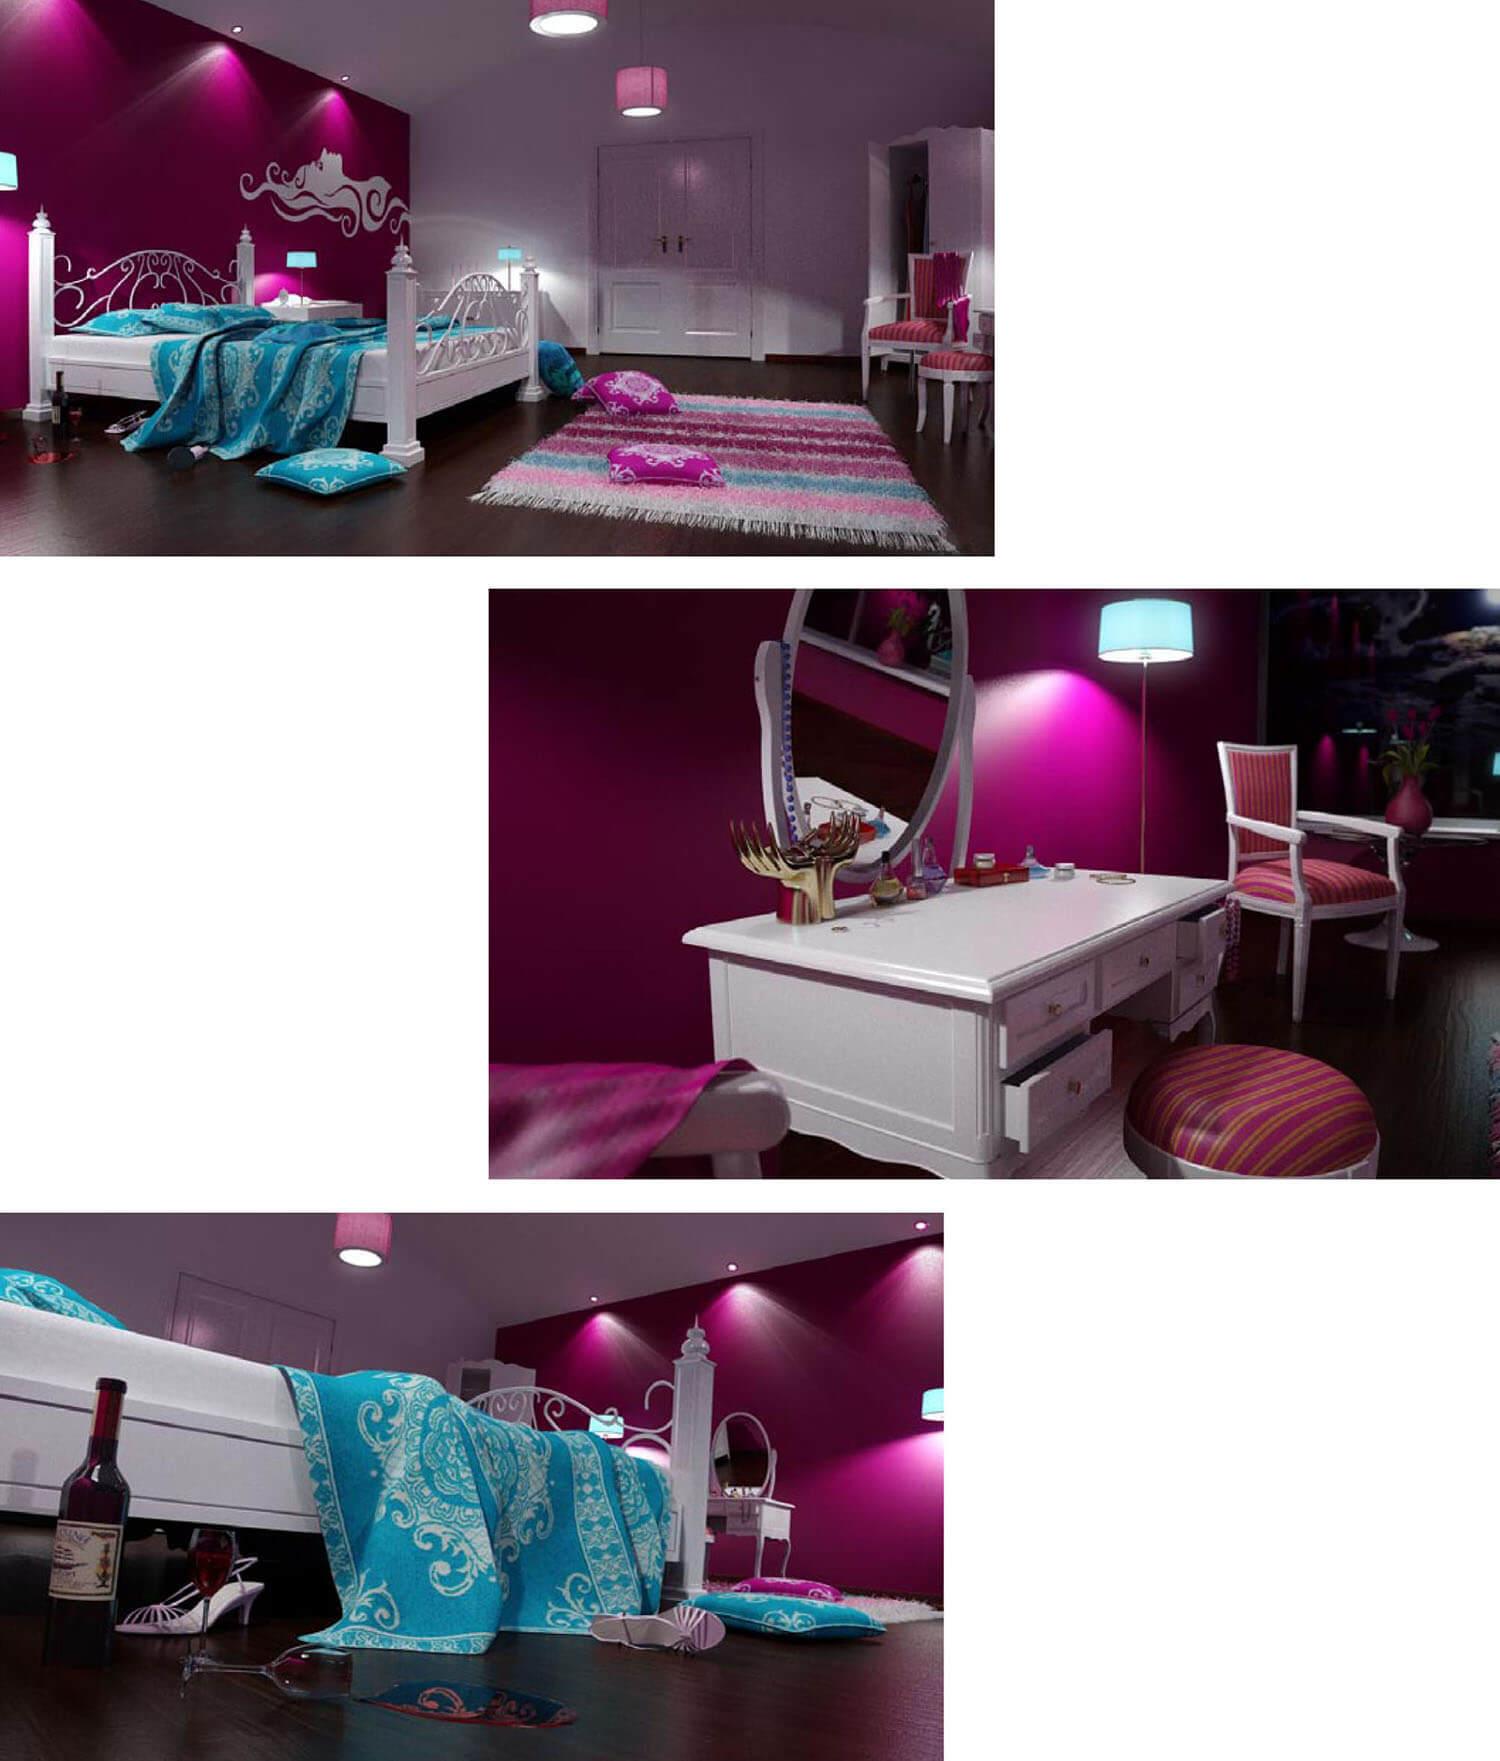 Giường, tủ và bàn phấn màu tím đồng bộ